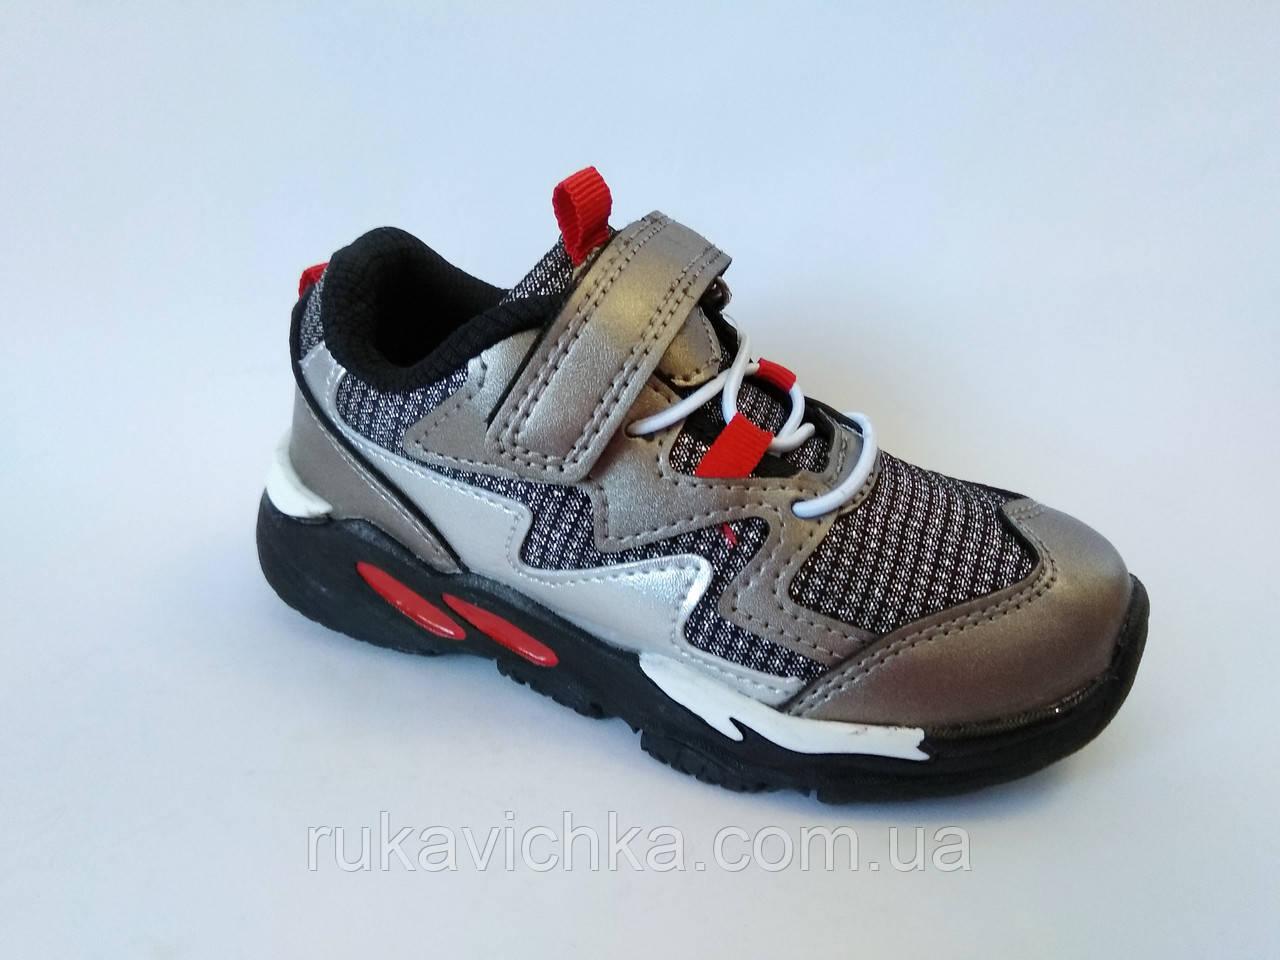 a1296d9e458c Новая коллекция - кроссовки для мальчика бренда Jong Golf, (р. 31-36 ...